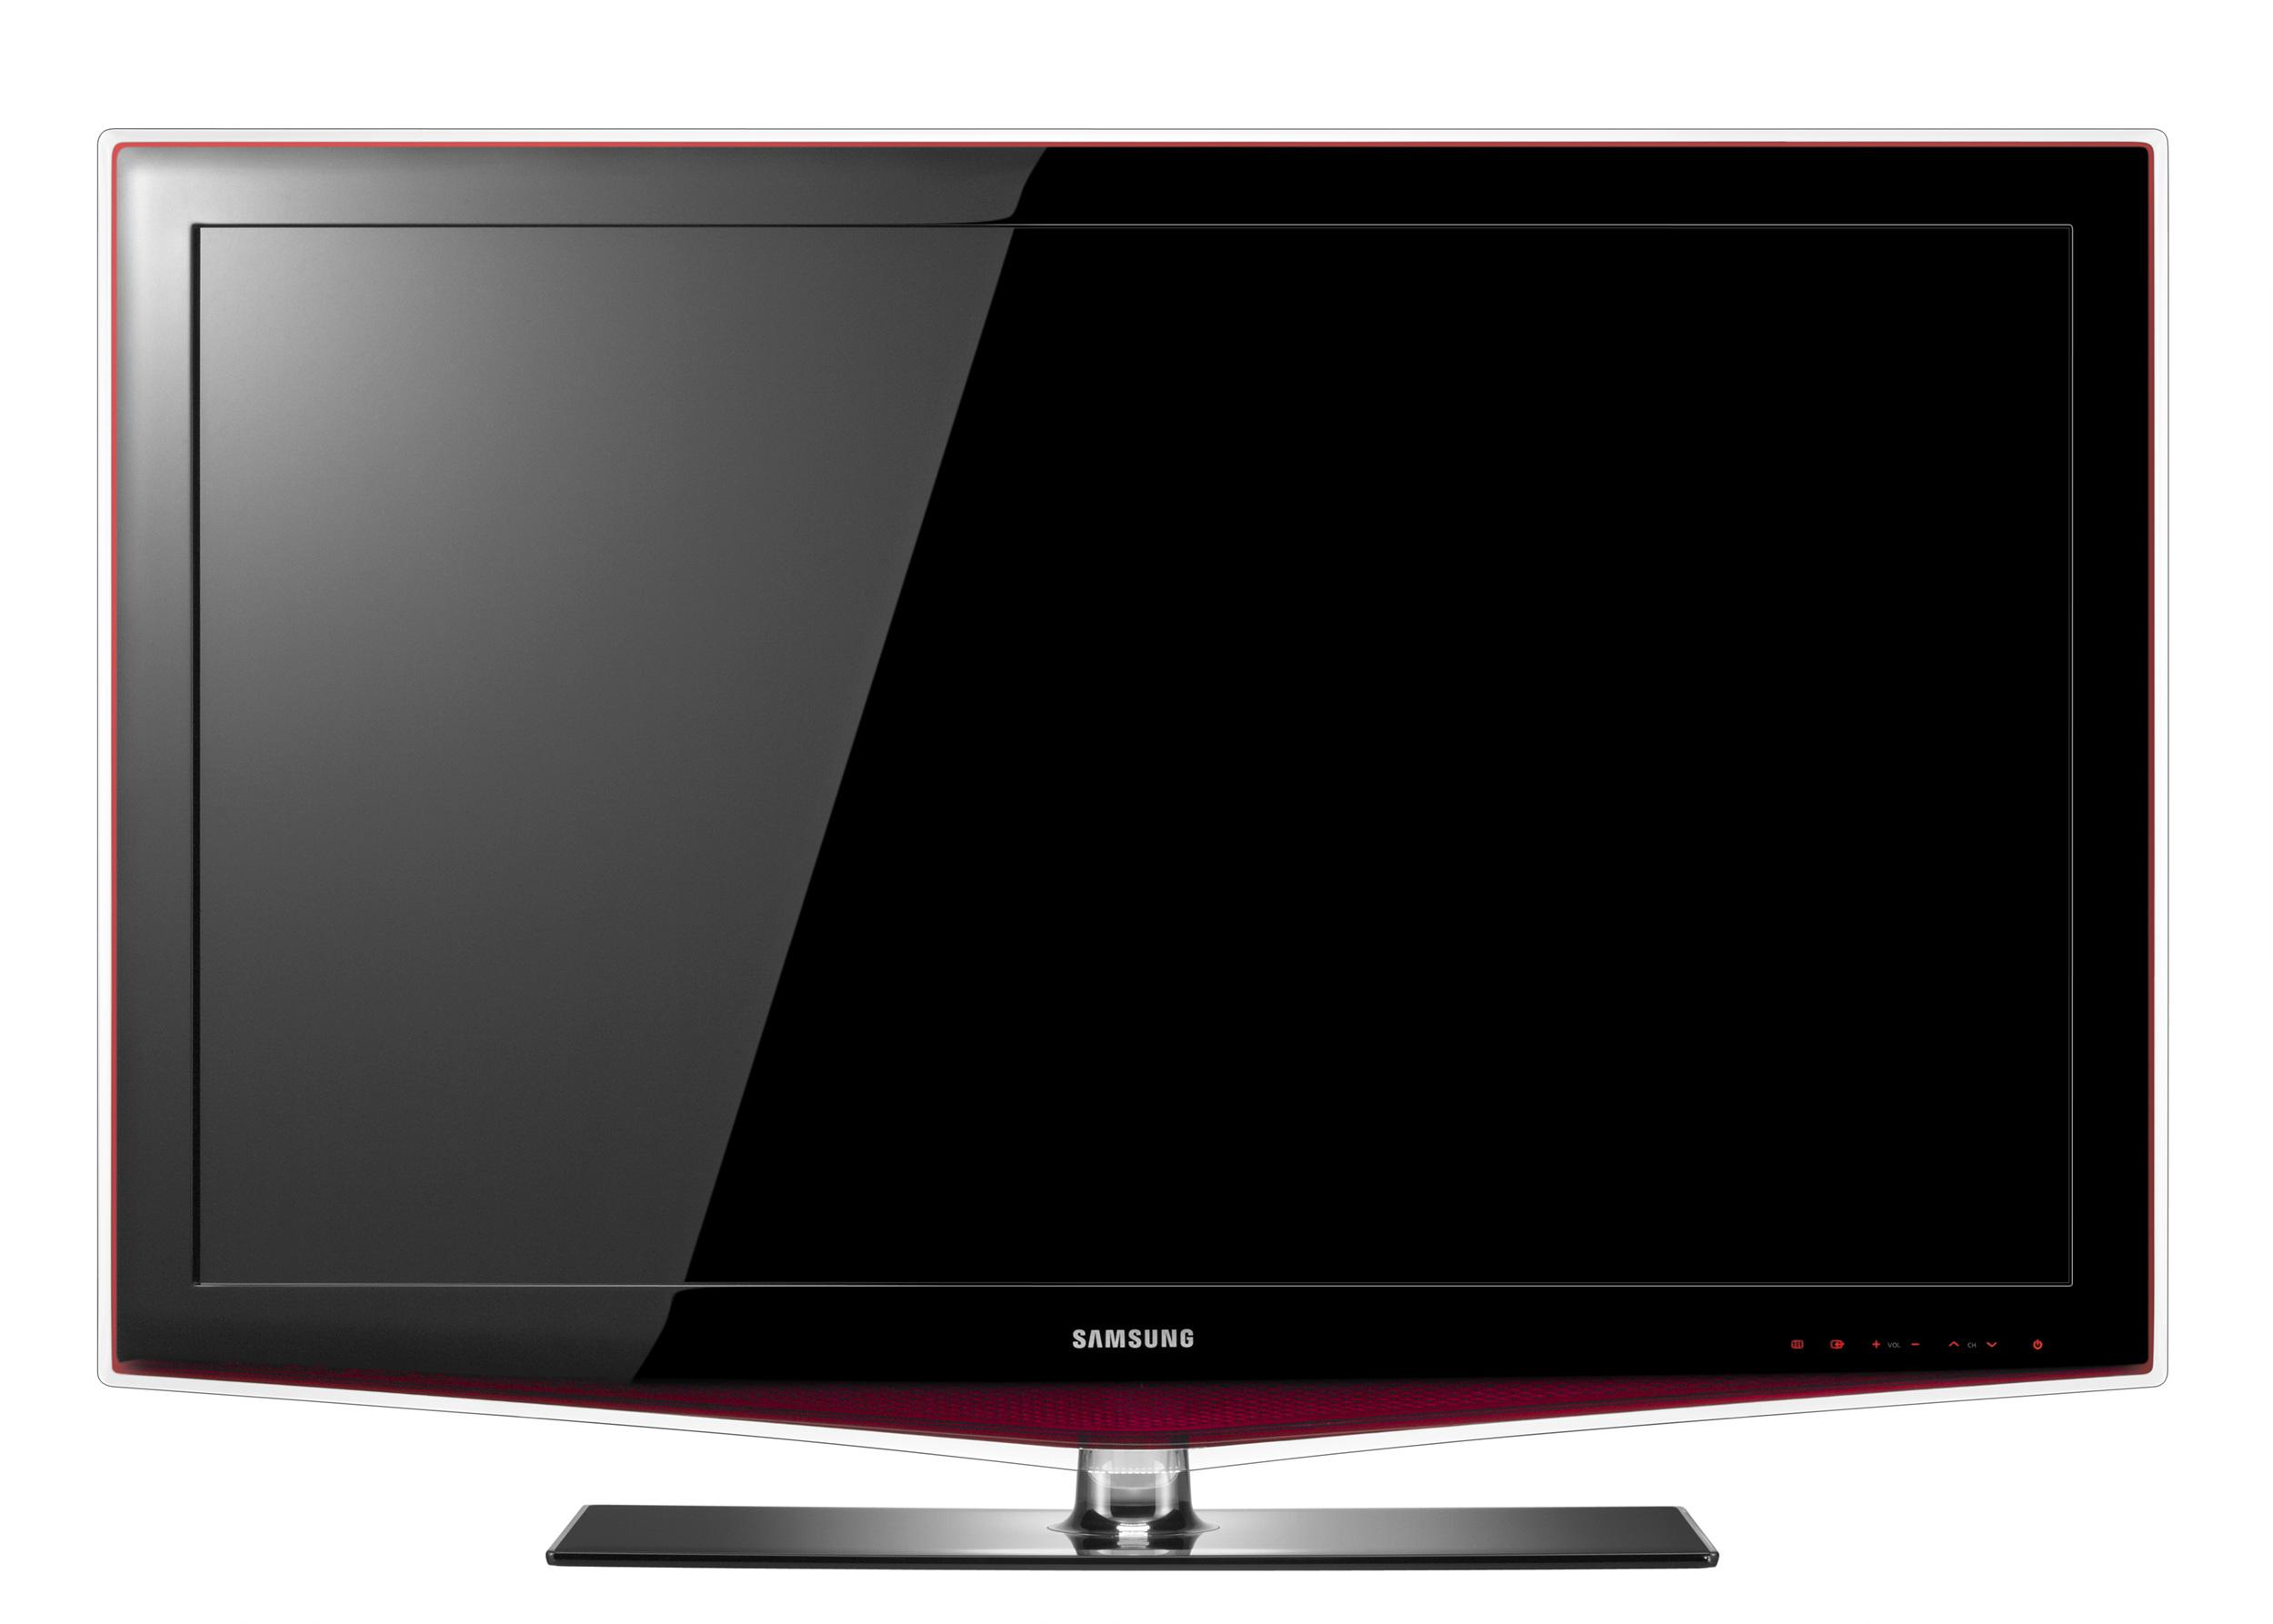 Samsung LCD TV B650領導科技LCD極致巔峰之作 絕美水晶邊框 絕佳影像畫質 絕對環保節能